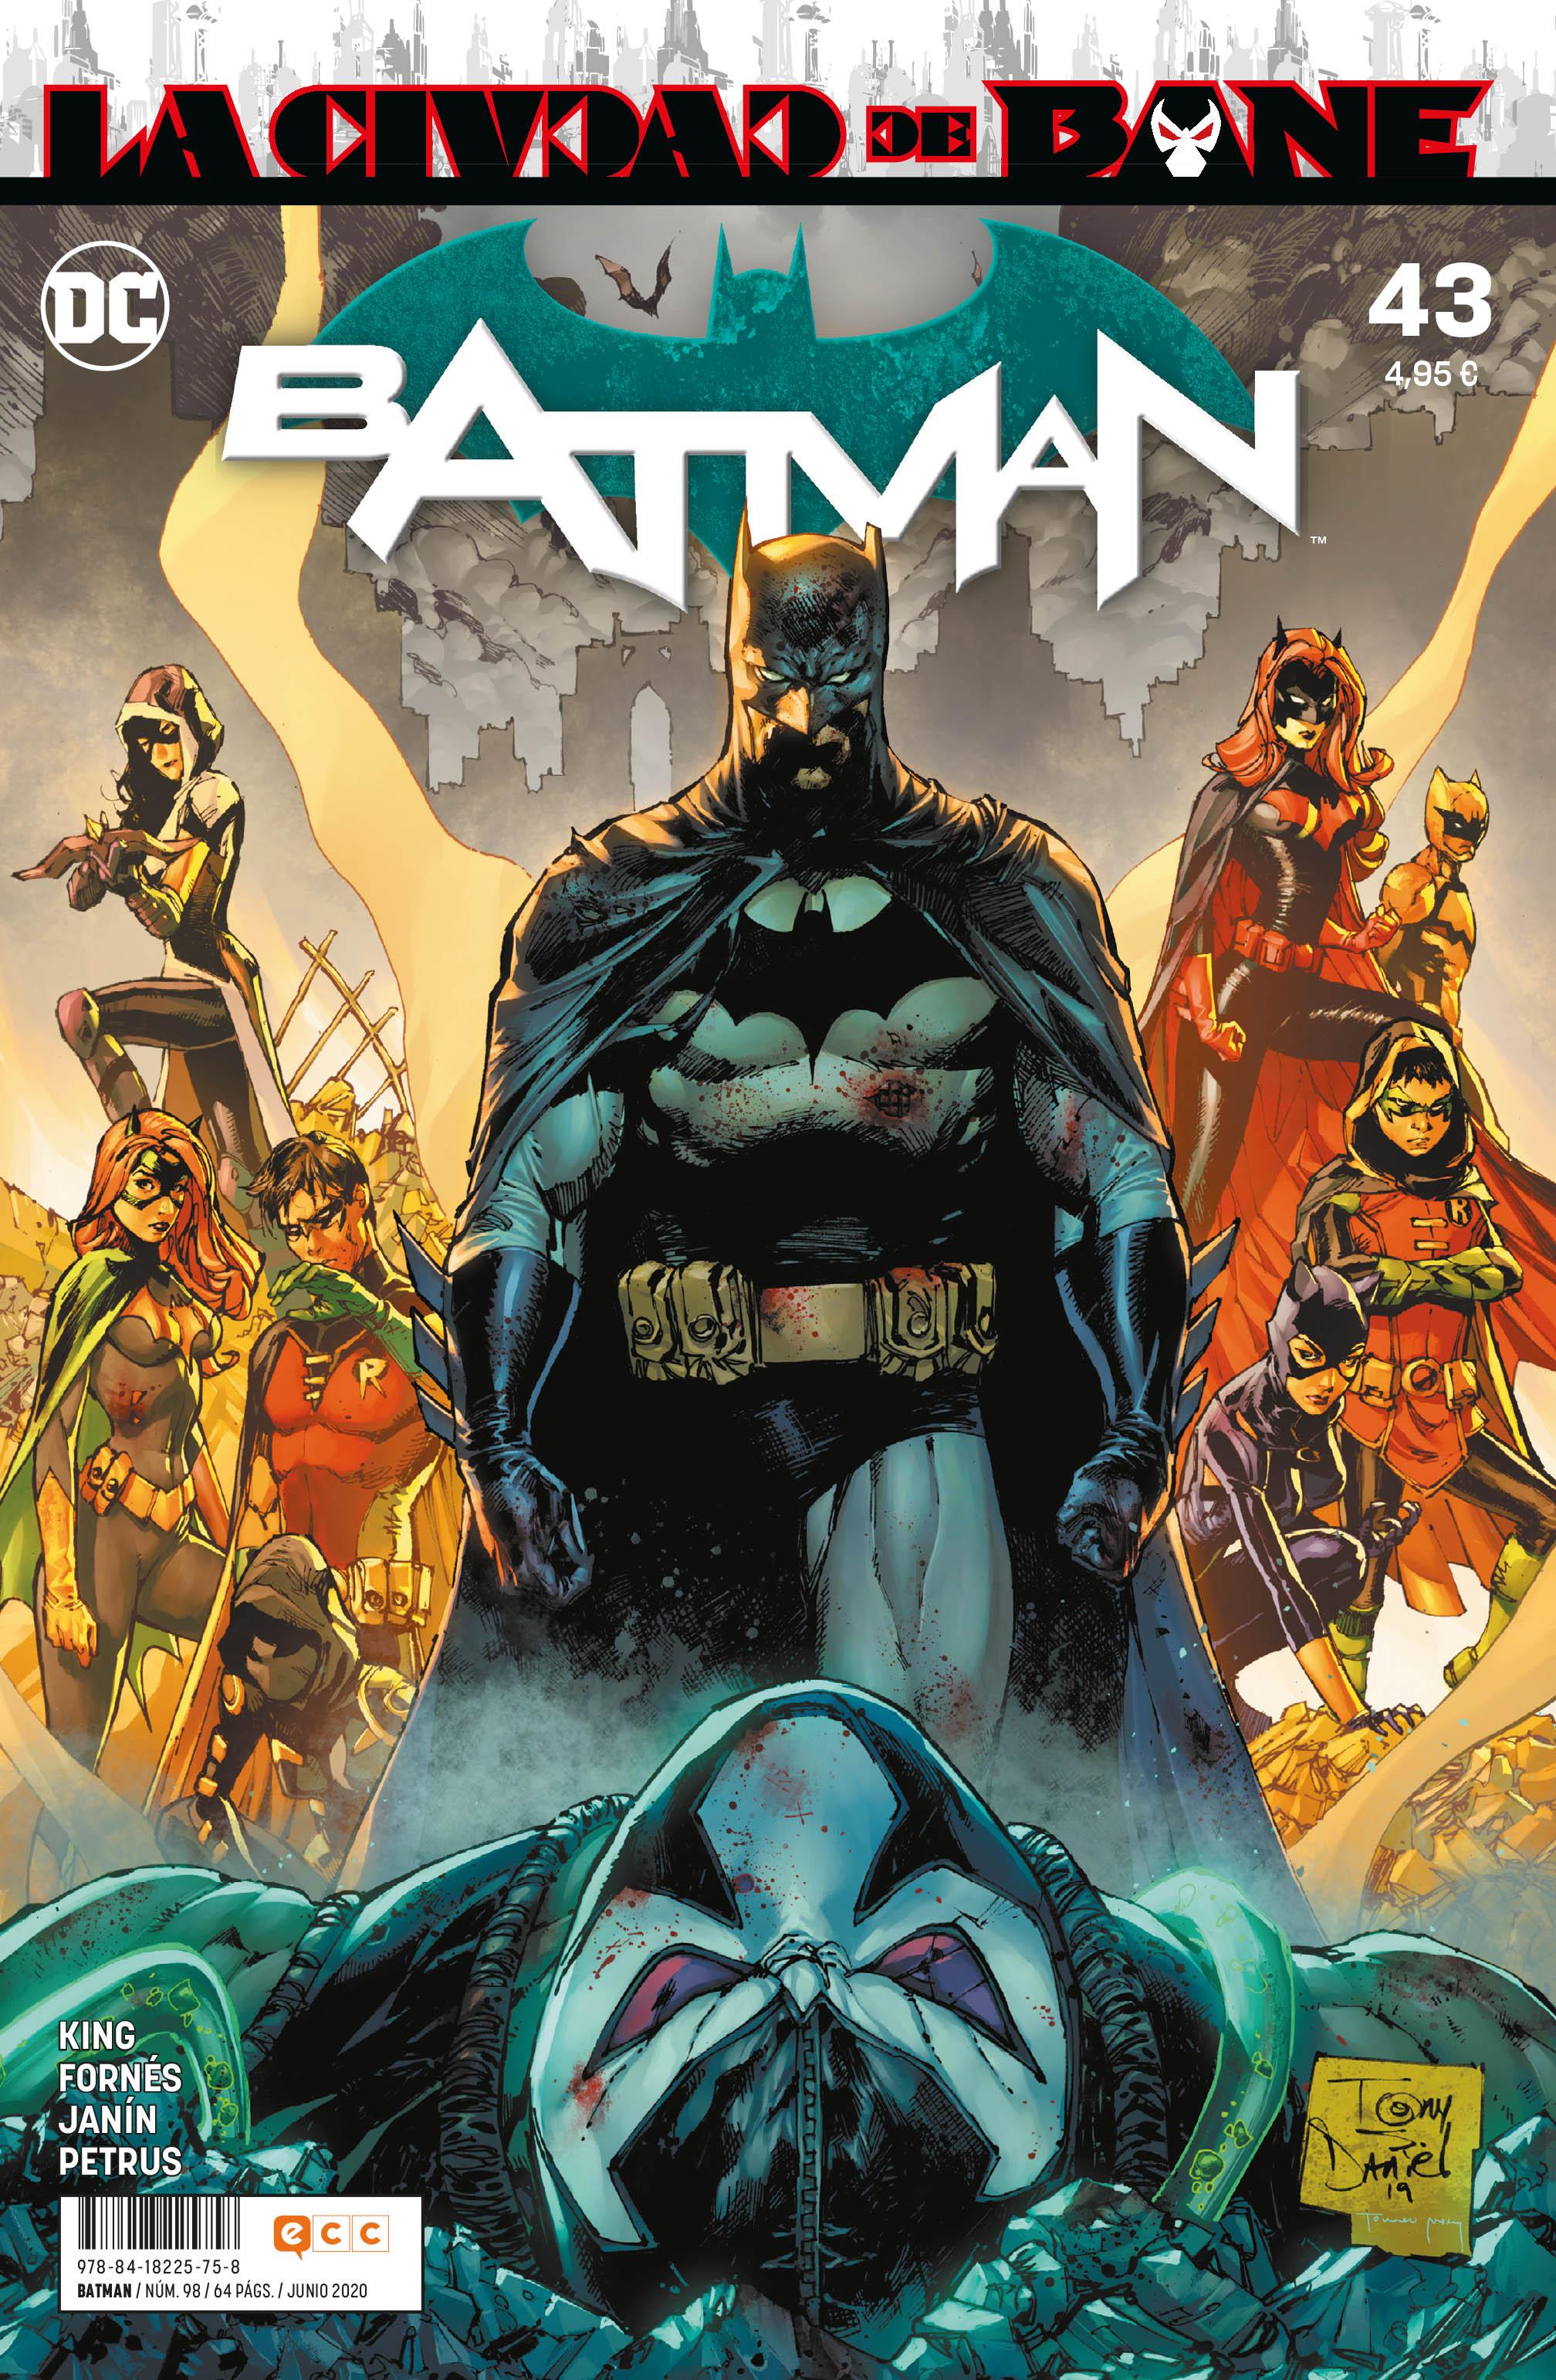 UN POCO DE NOVENO ARTE - Página 32 Batman_98_43_1a_cubierta